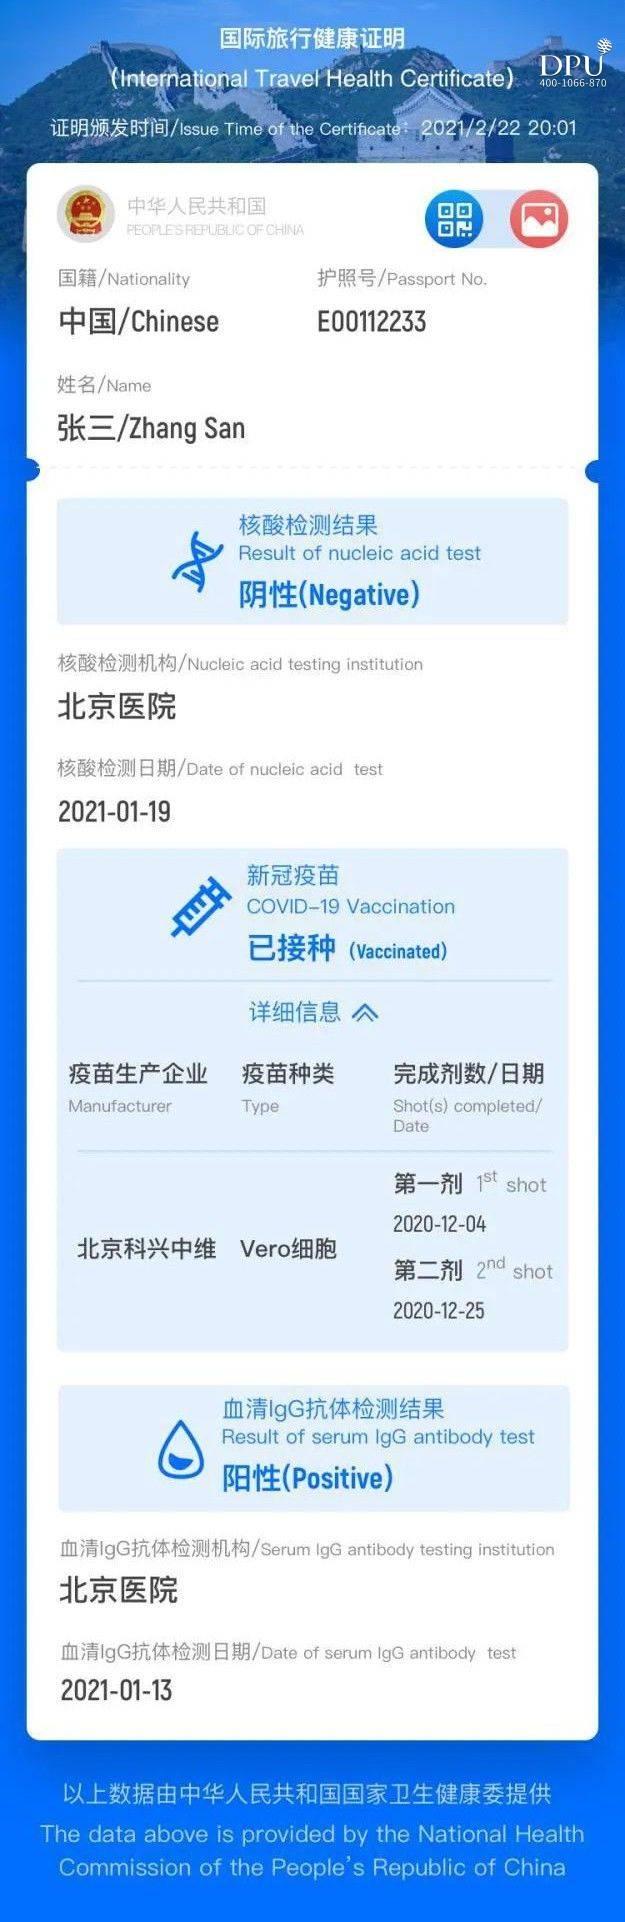 """中国版""""国际旅行健康证明""""电子版样例 (疫苗接种相关数据正在建设中)"""